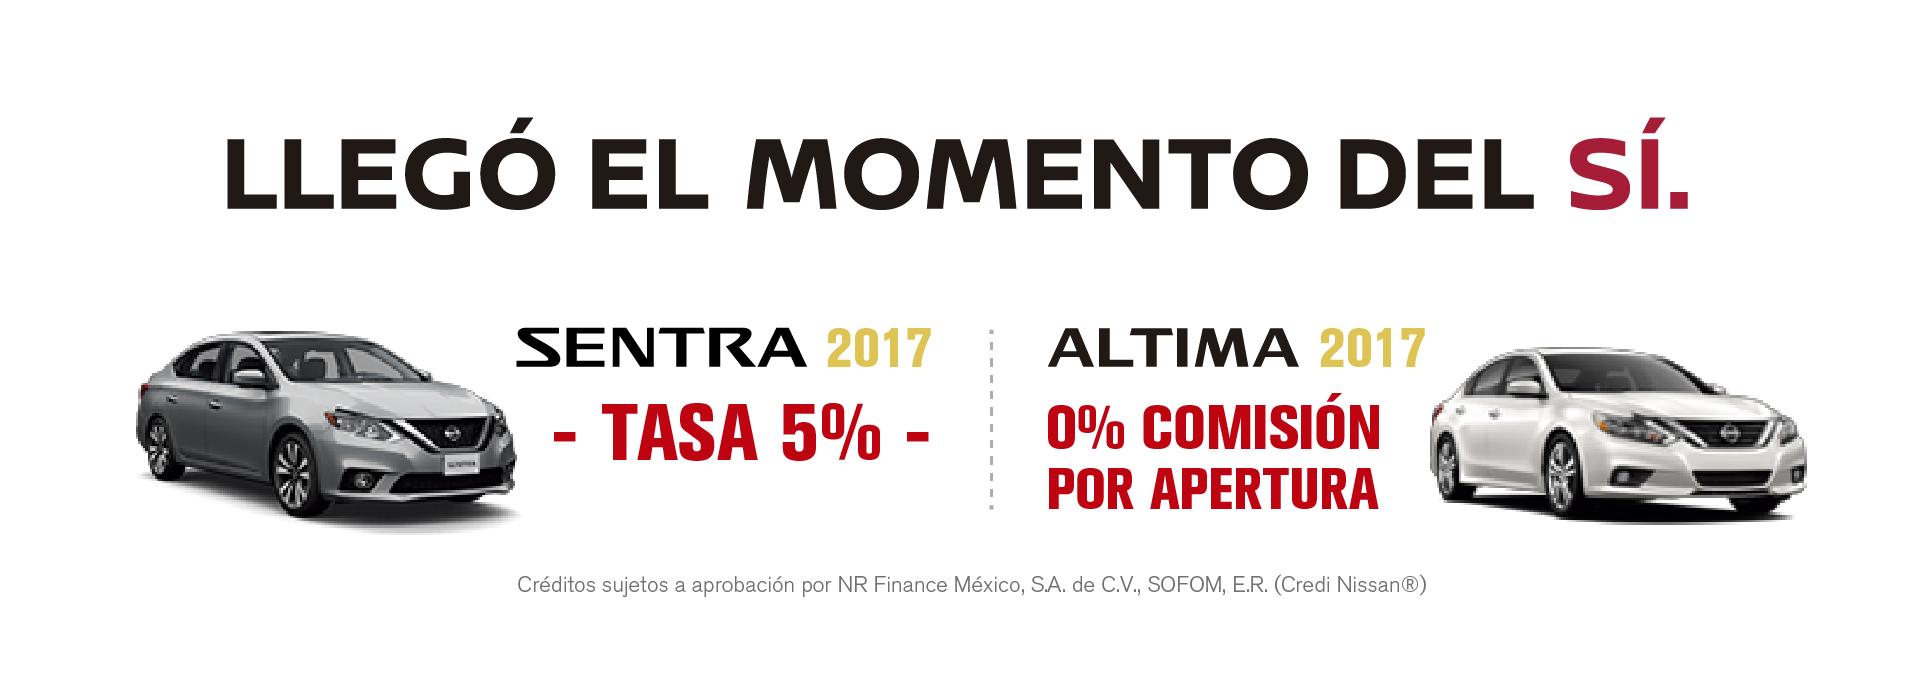 Llegó el Momento del Sí Nissan Mega Toluca Zinacantepec Almoloya Sentra Altima 2017 Tasa 5% 0% Comisión por Apertura